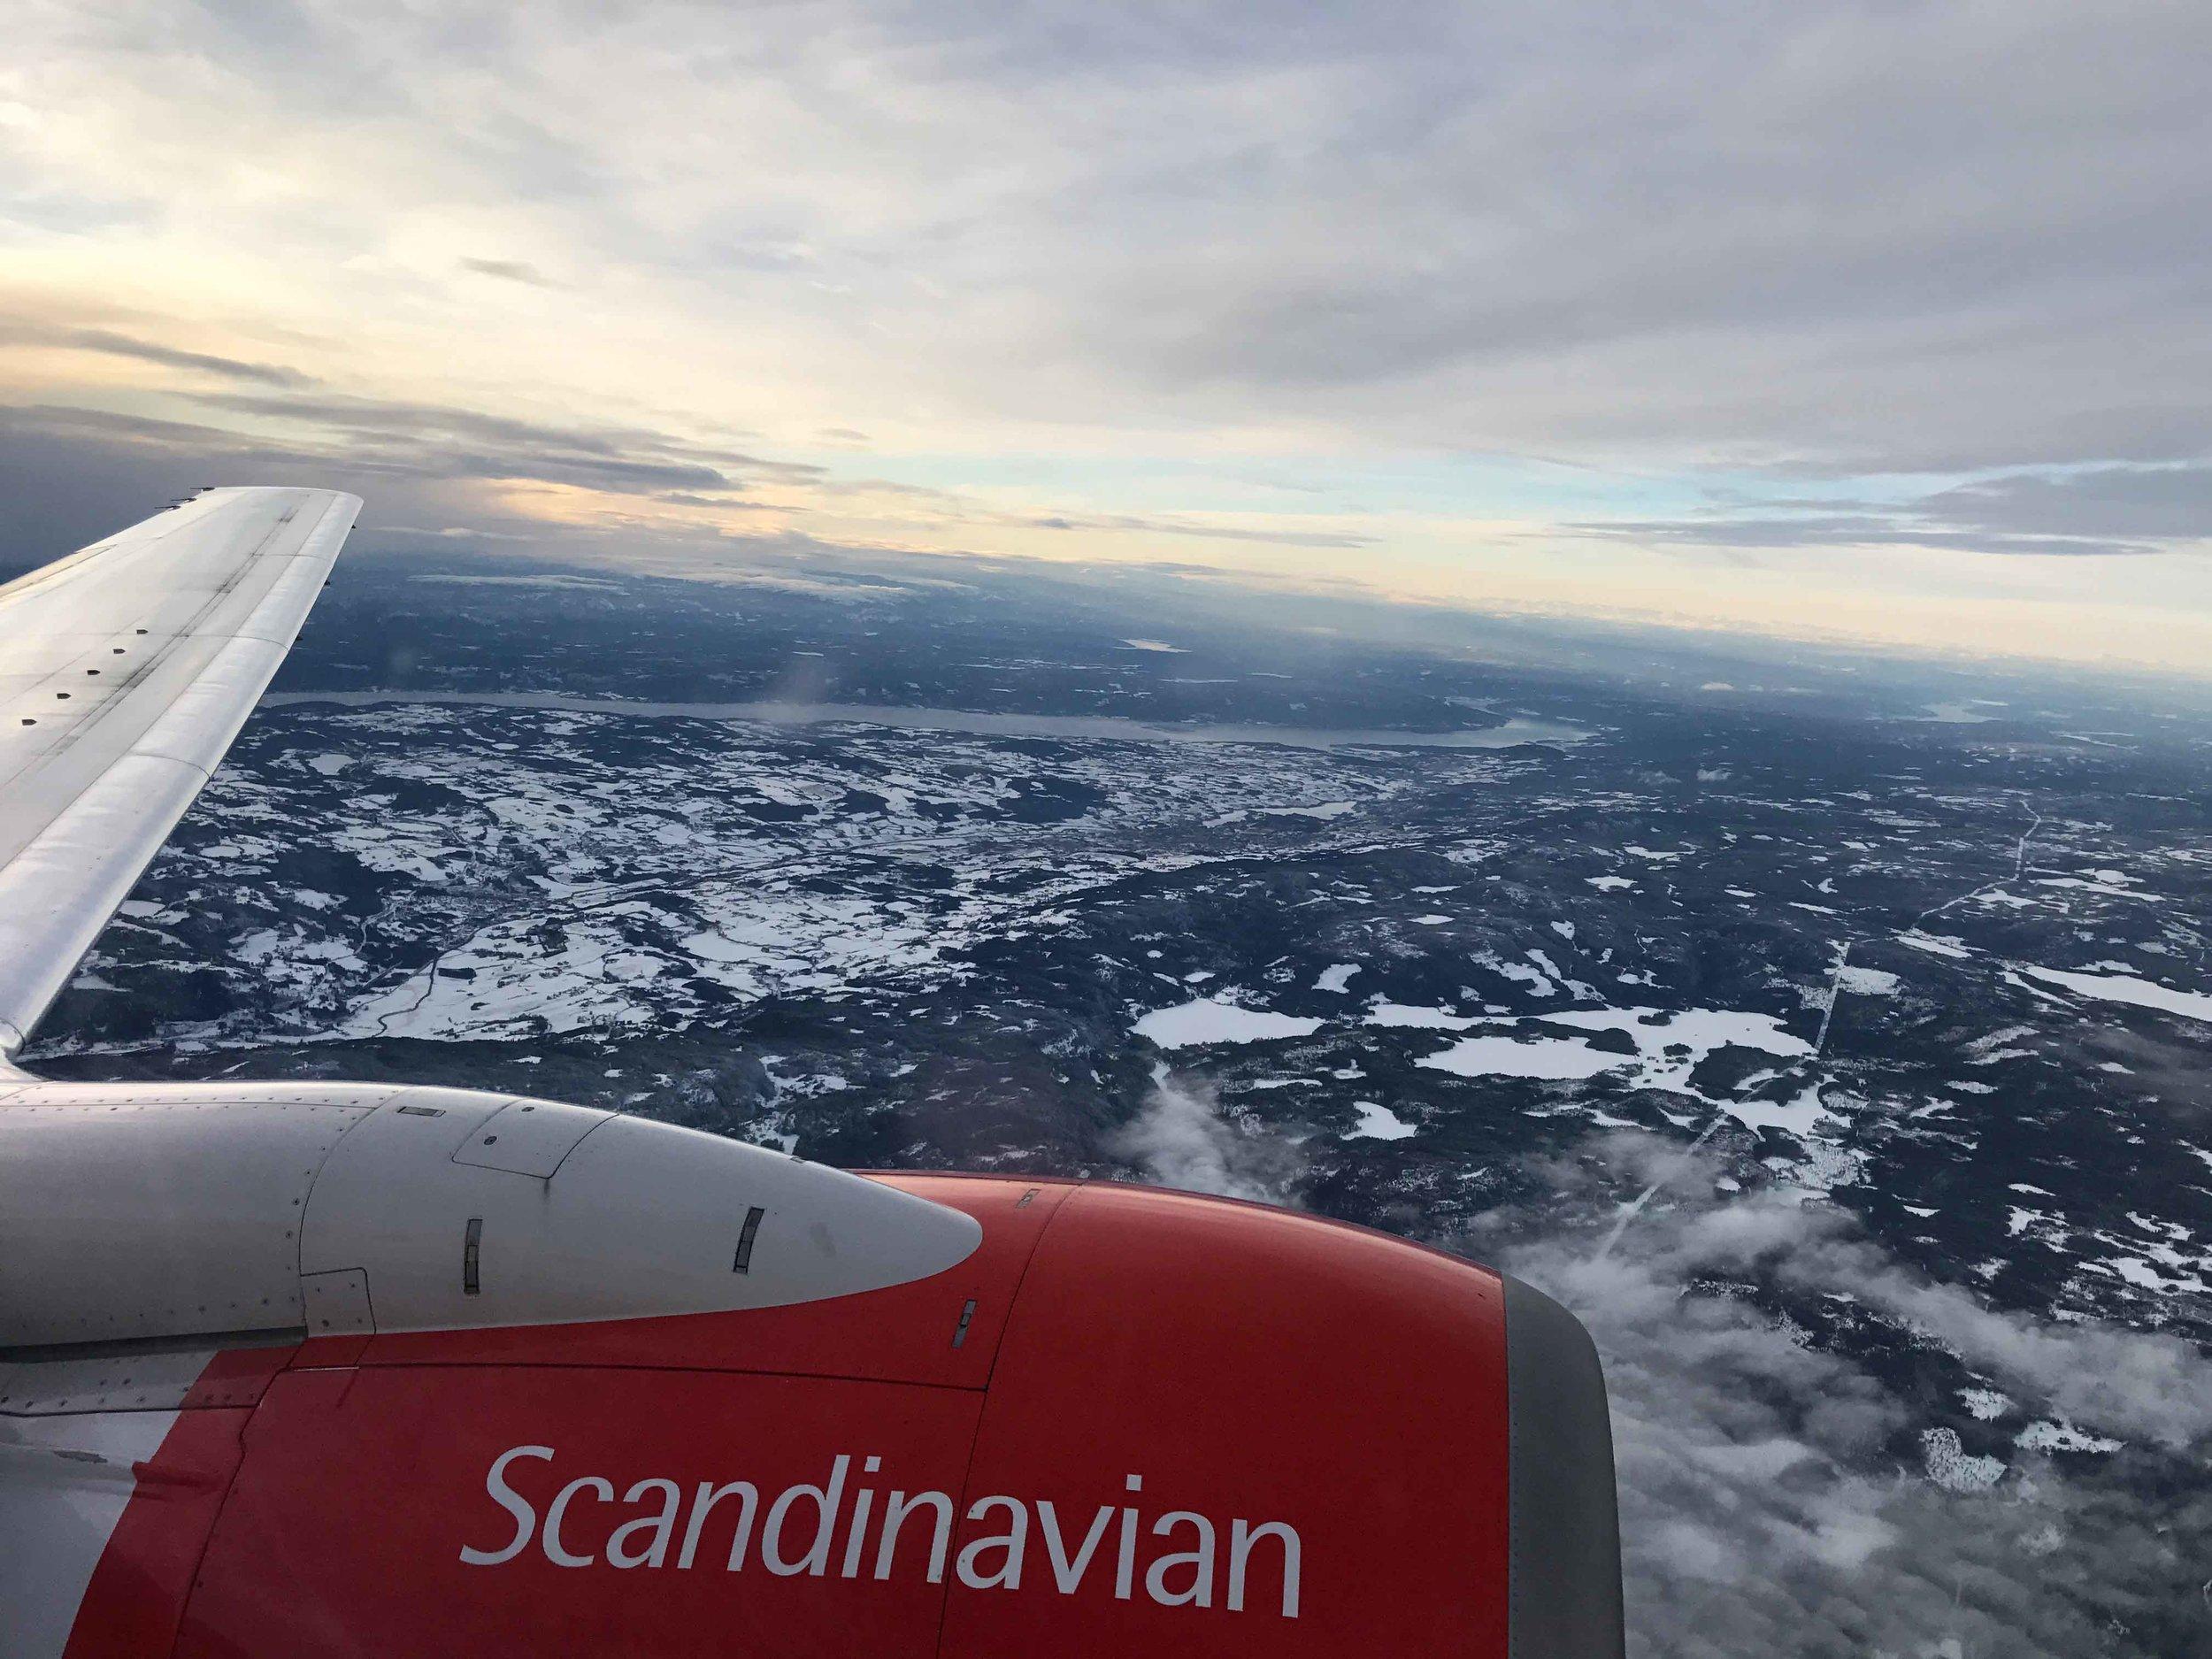 SAS flight, Oslo to Tromso,Norway. Image@thingstodot.com